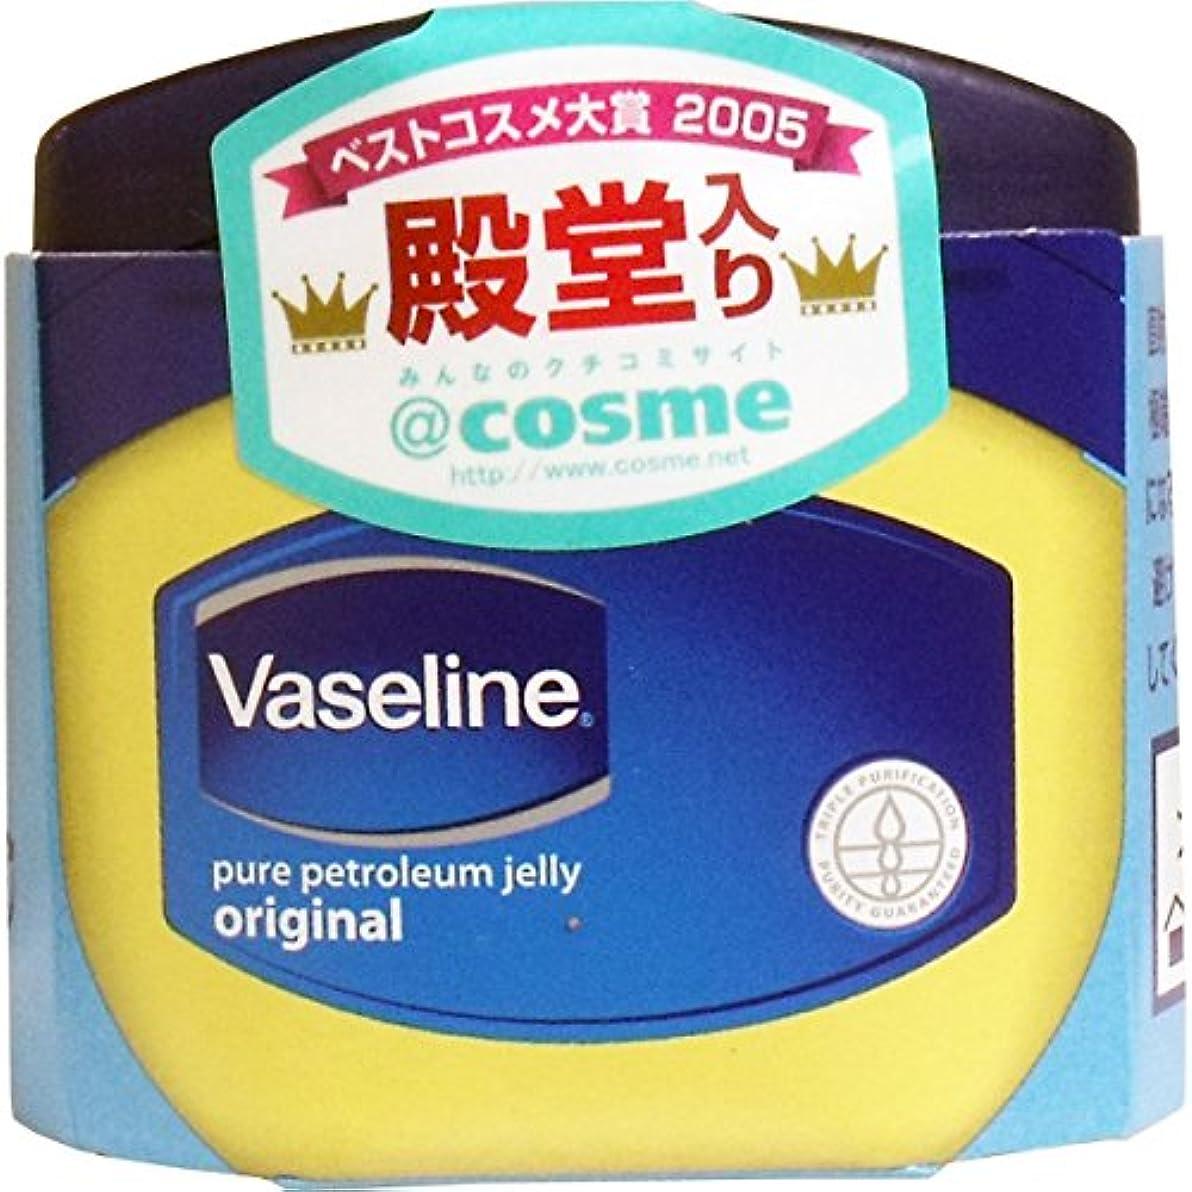 セマフォウガンダハイキング【Vaseline】ヴァセリン ピュアスキンジェリー (スキンオイル) 40g ×20個セット